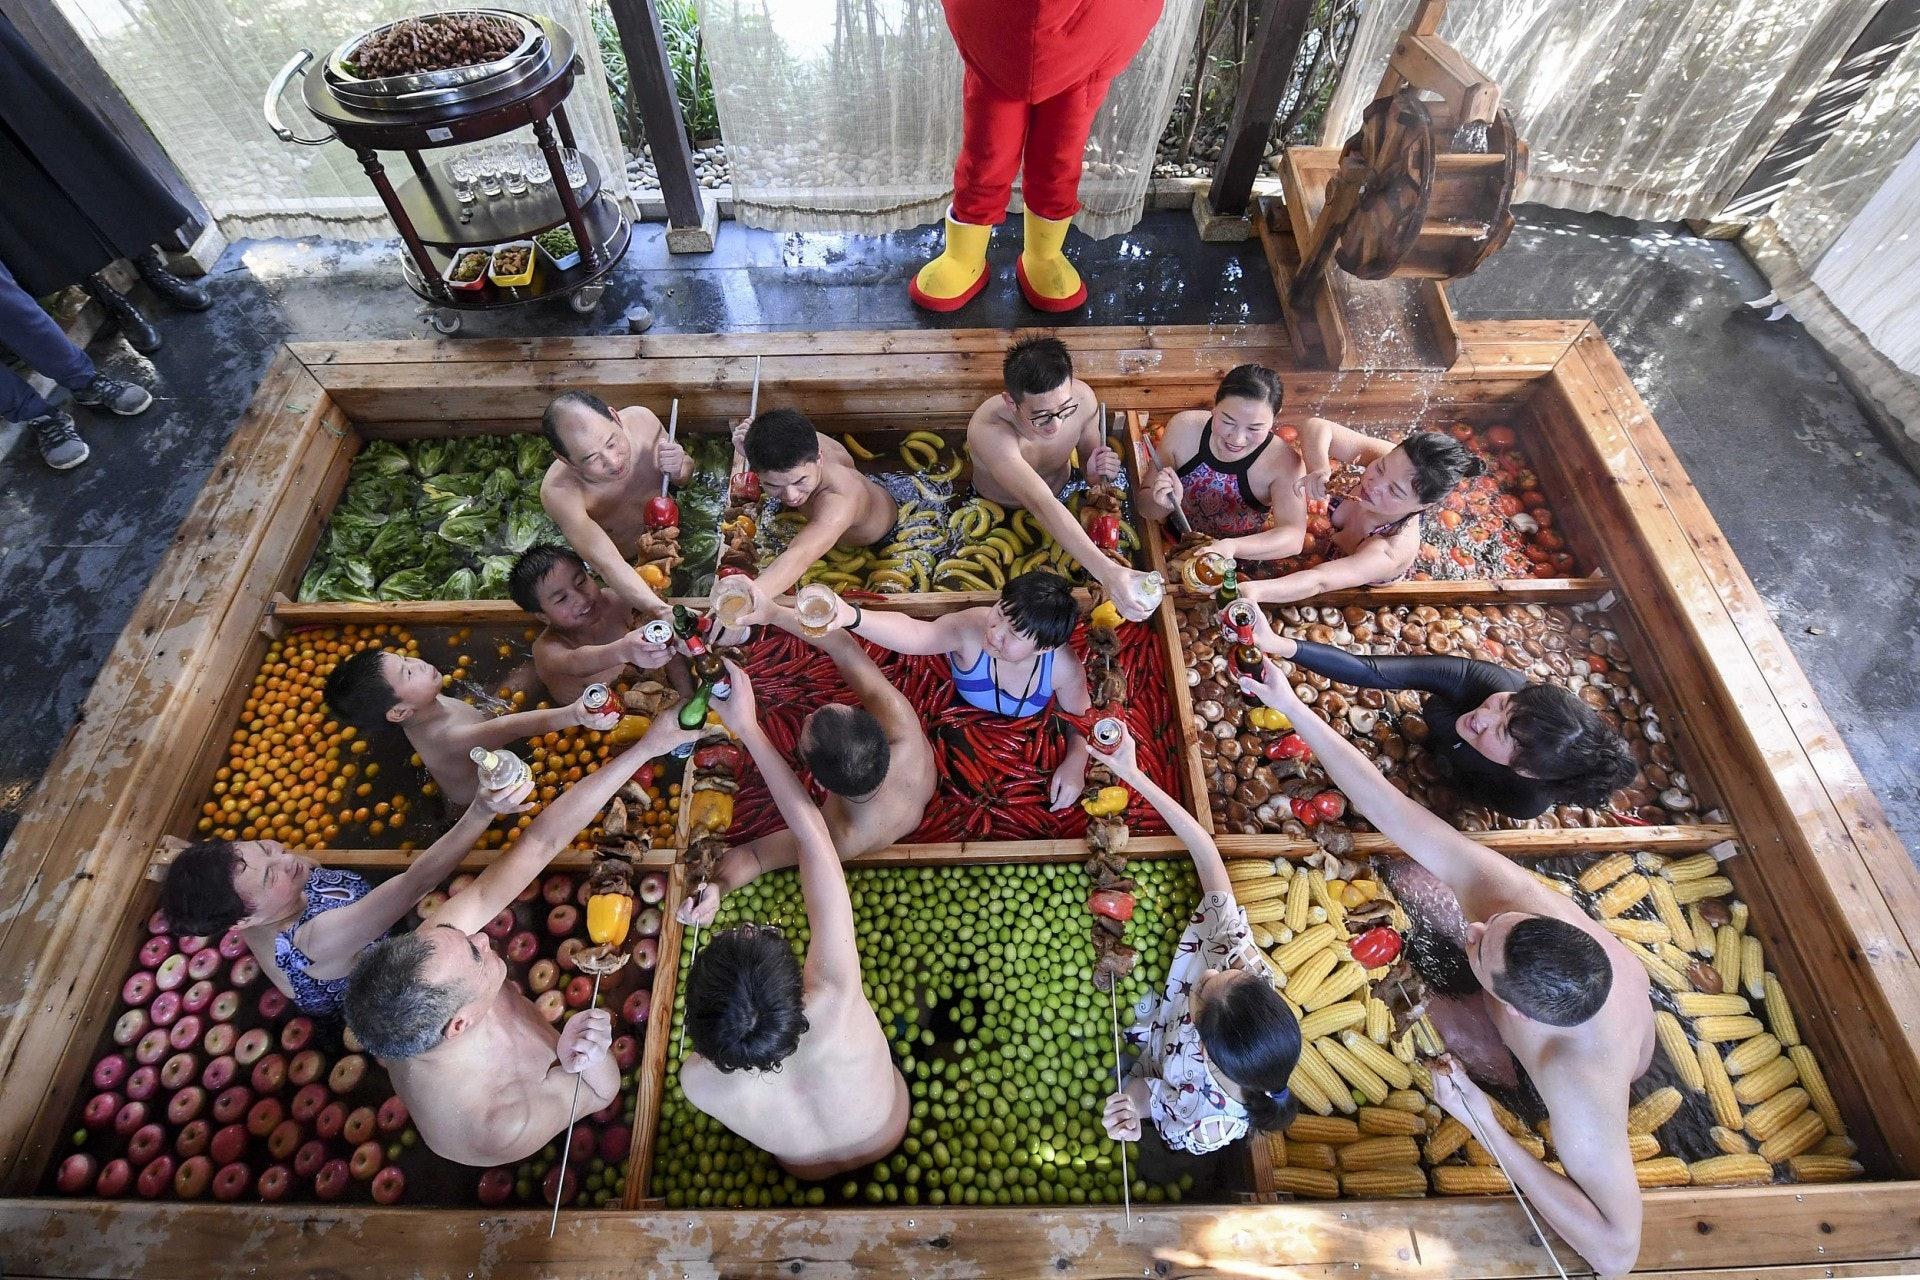 為迎接豬年,有杭州酒店推出九宮格火鍋溫泉,讓顧客泡浸各種火鍋配料時同時享用巨型豬肉串。(視覺中國)